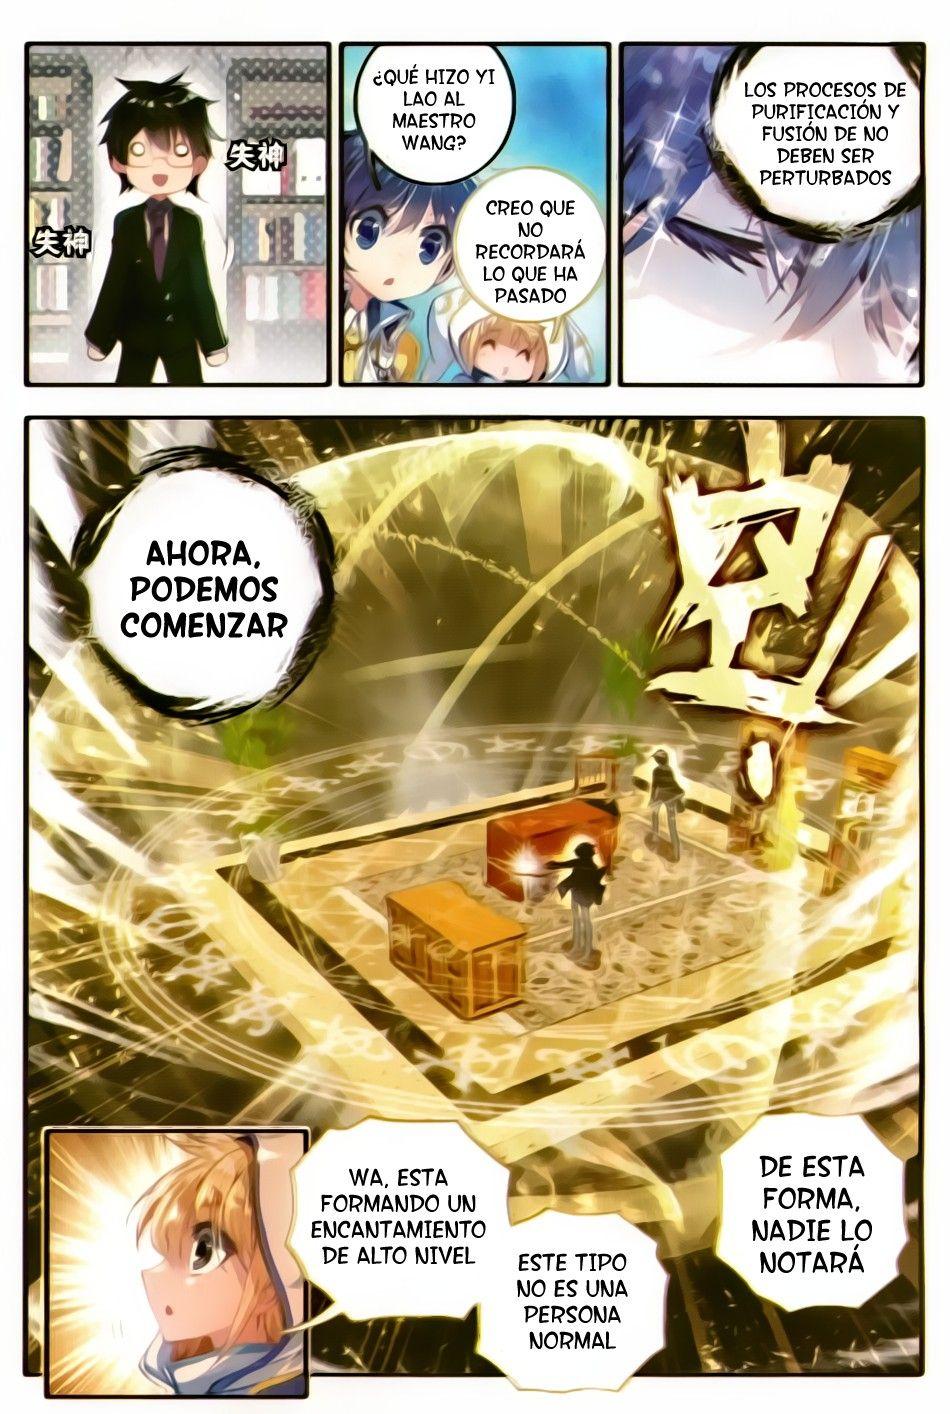 http://c5.ninemanga.com/es_manga/pic2/33/16417/511291/0c0f3efa3afddcae74bf01414219044b.jpg Page 3